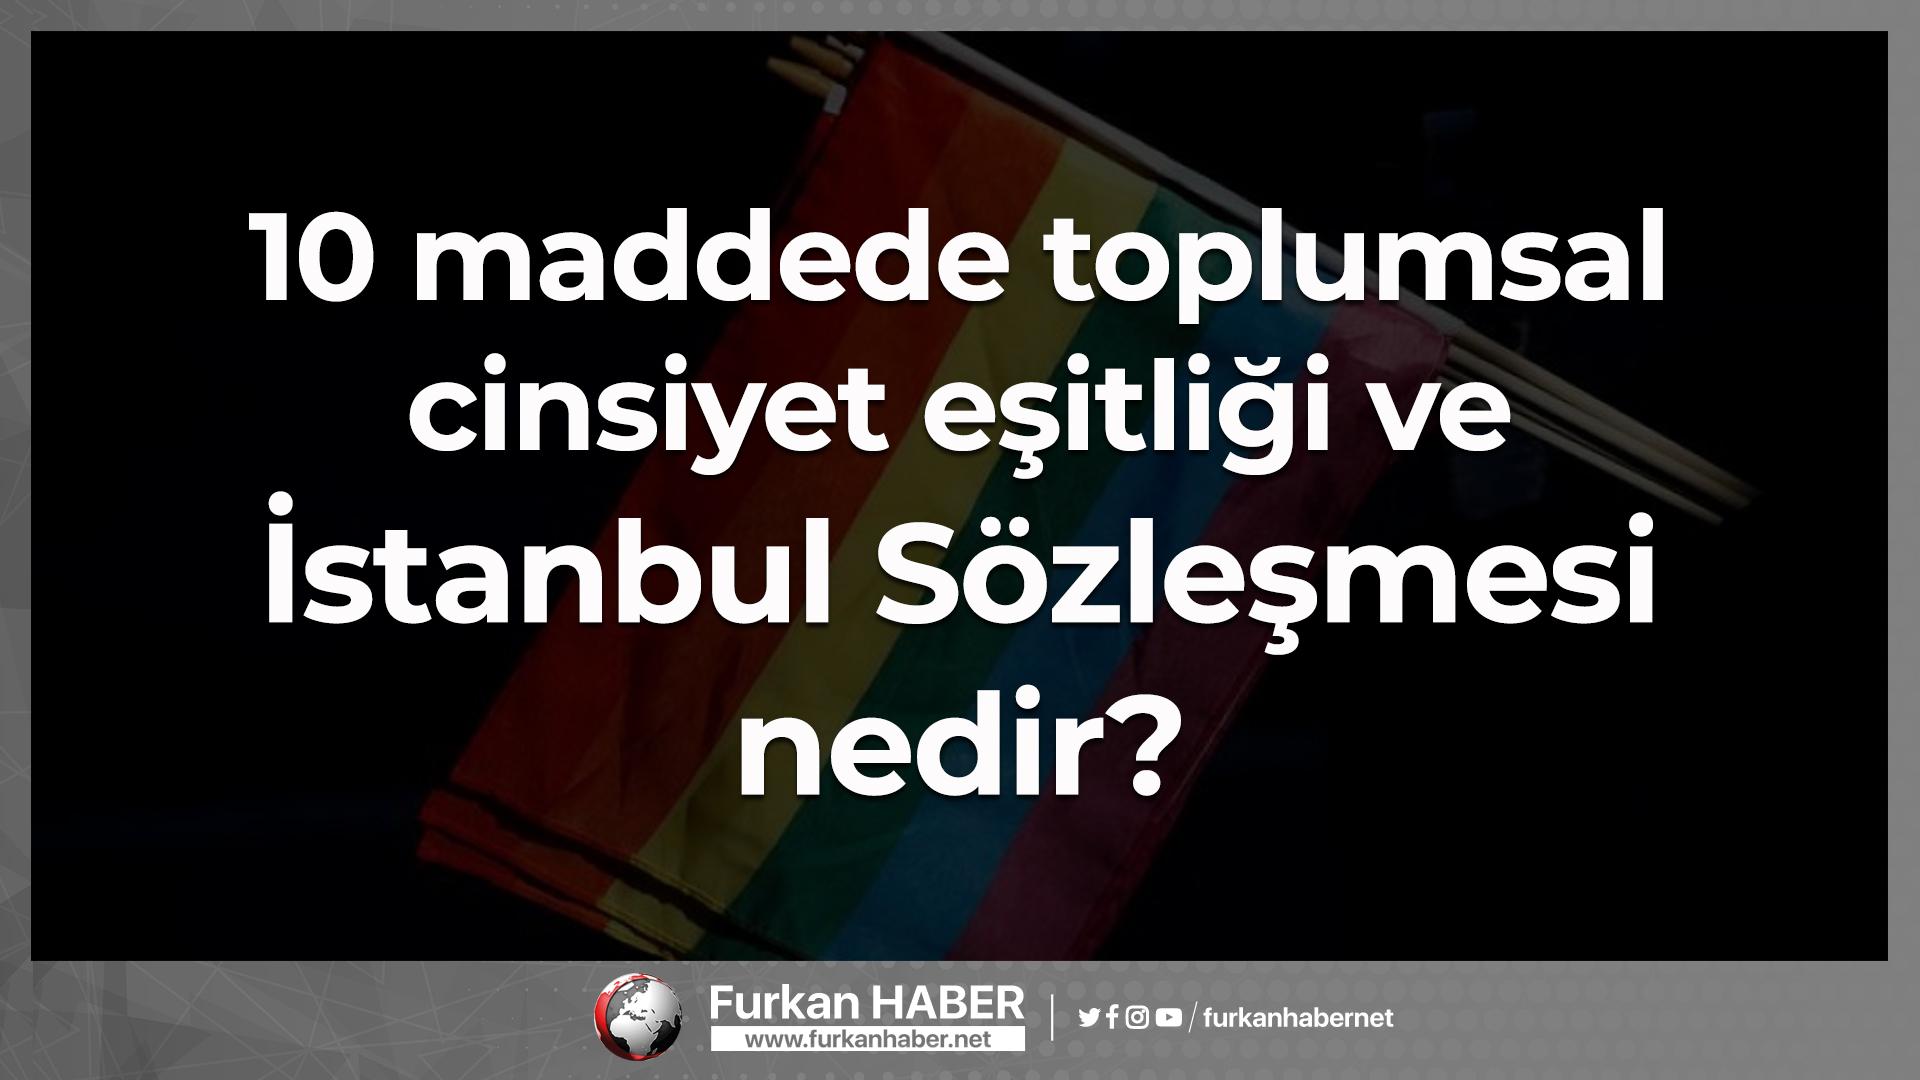 10 maddede toplumsal cinsiyet eşitliği ve İstanbul Sözleşmesi nedir?